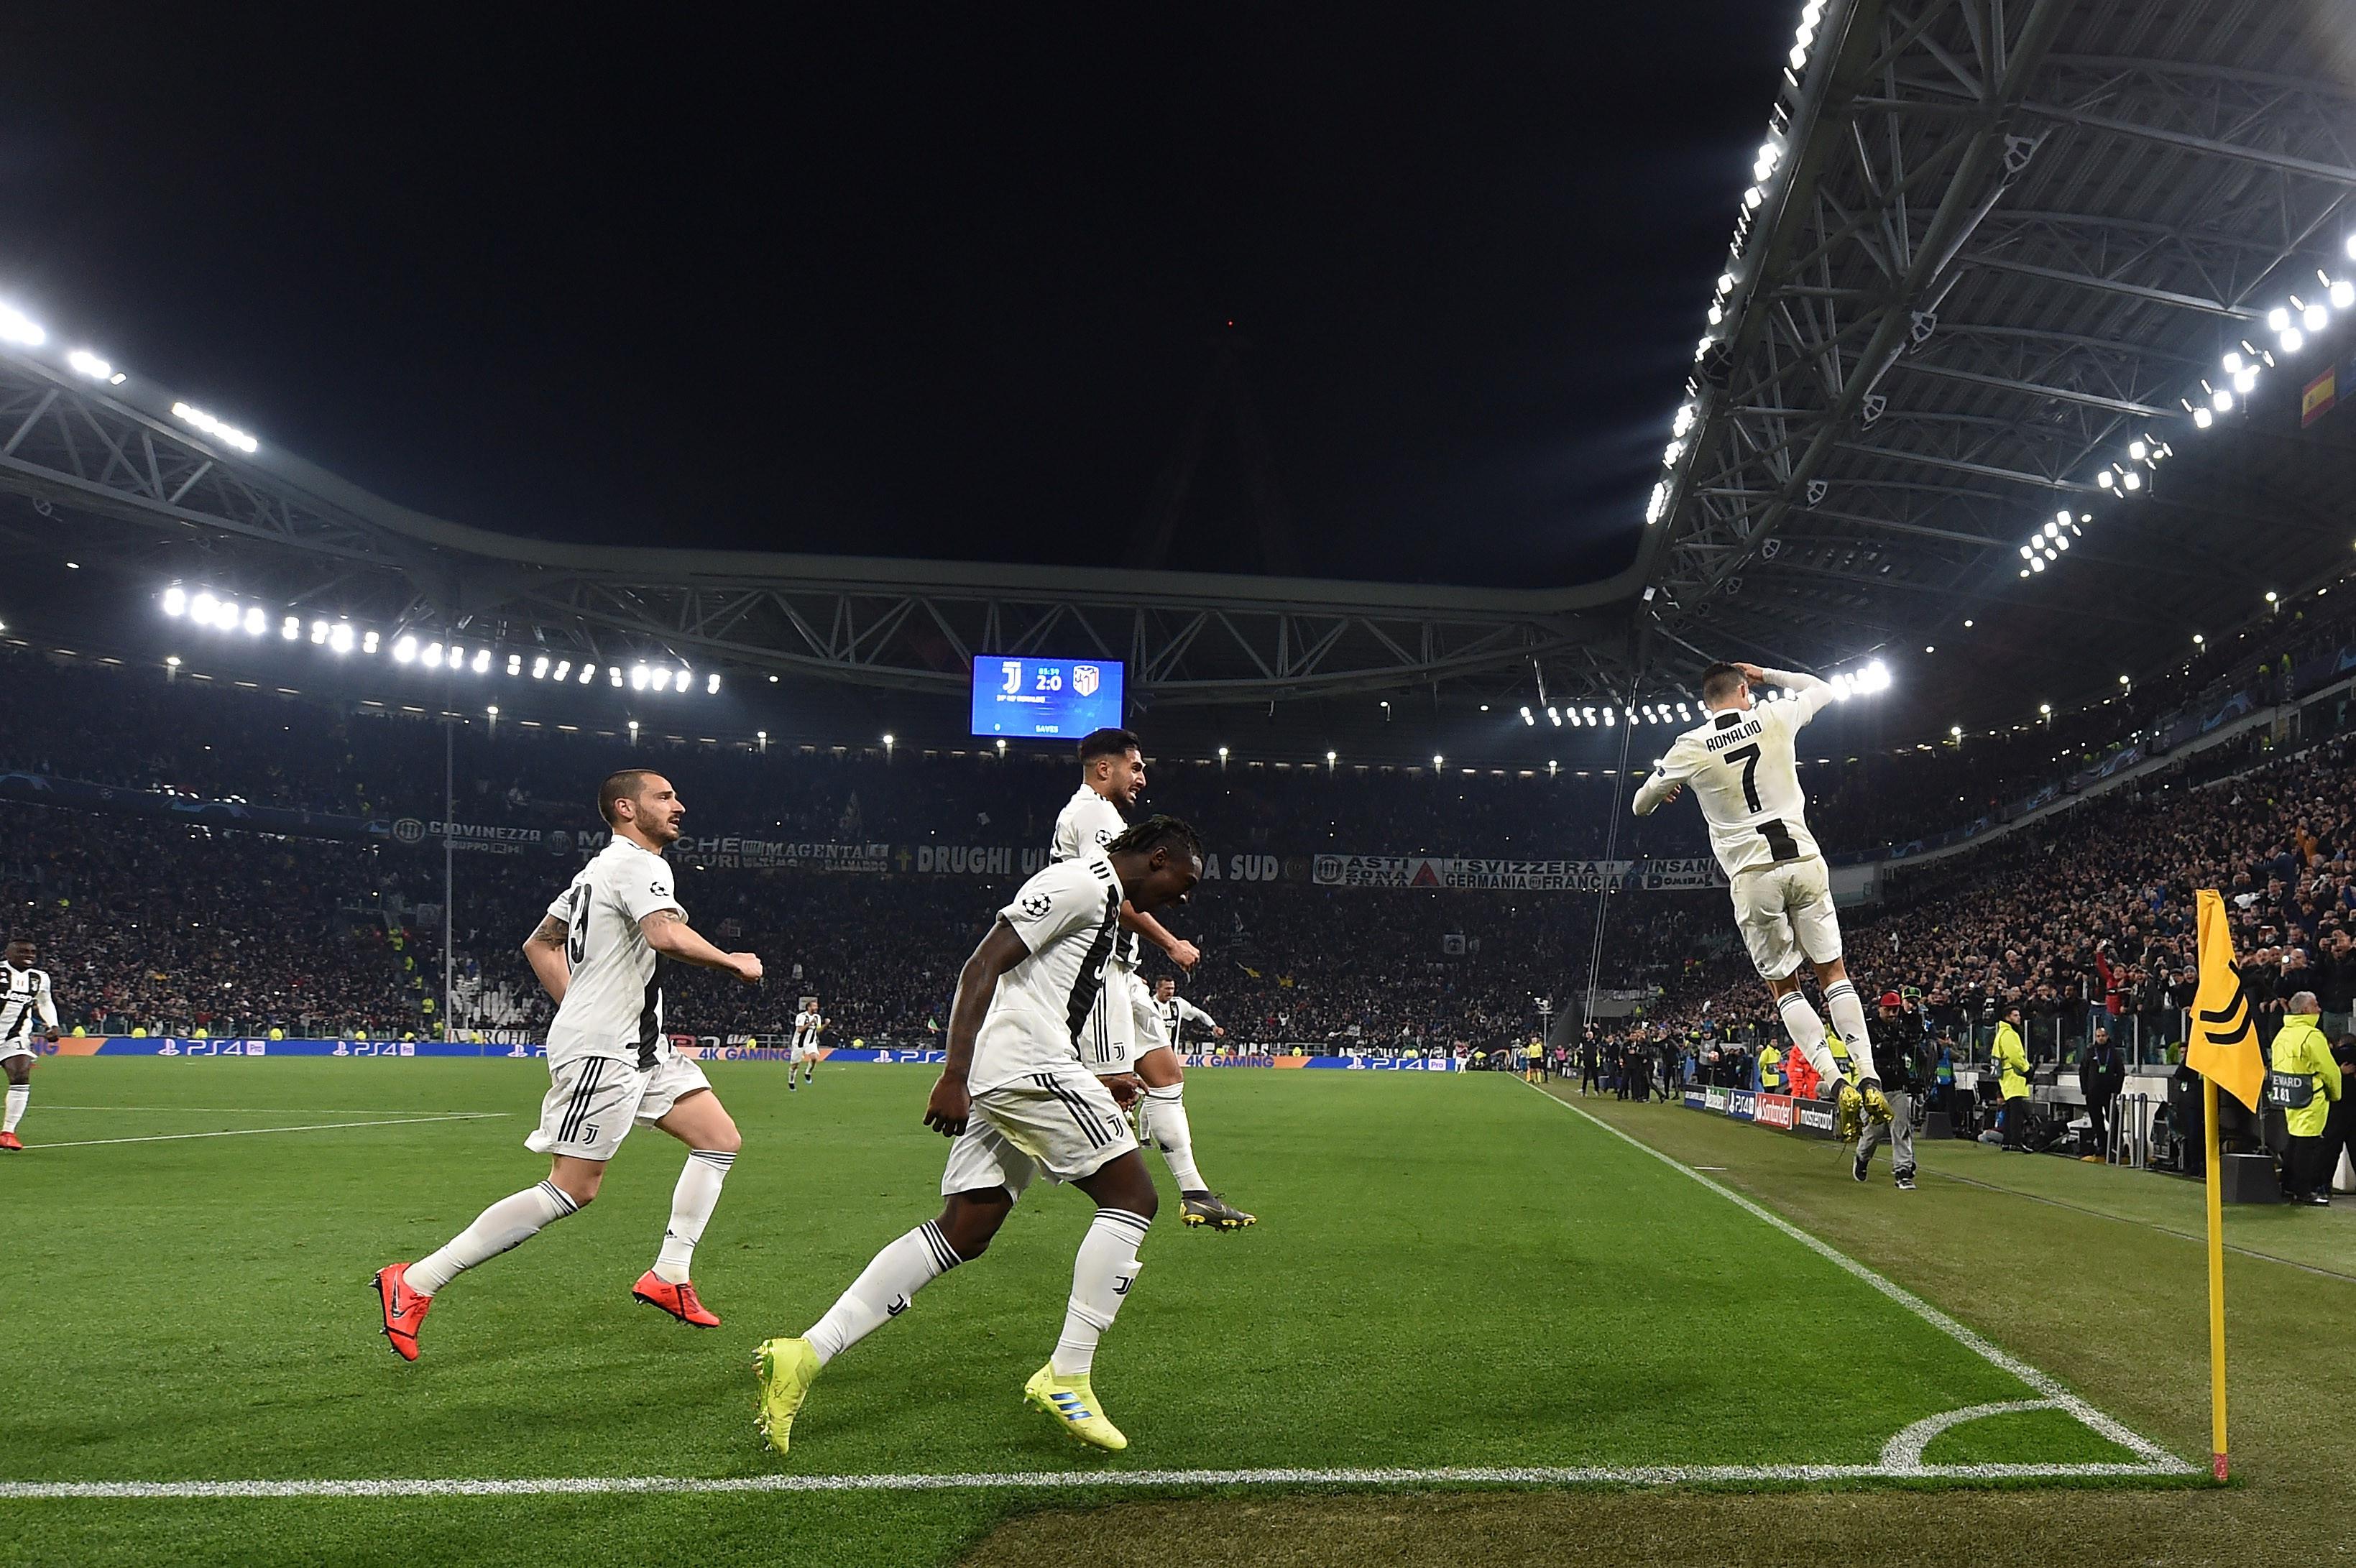 """""""Antes do jogo começar pensas: 'O grande Ronaldo vai estar em campo'"""""""